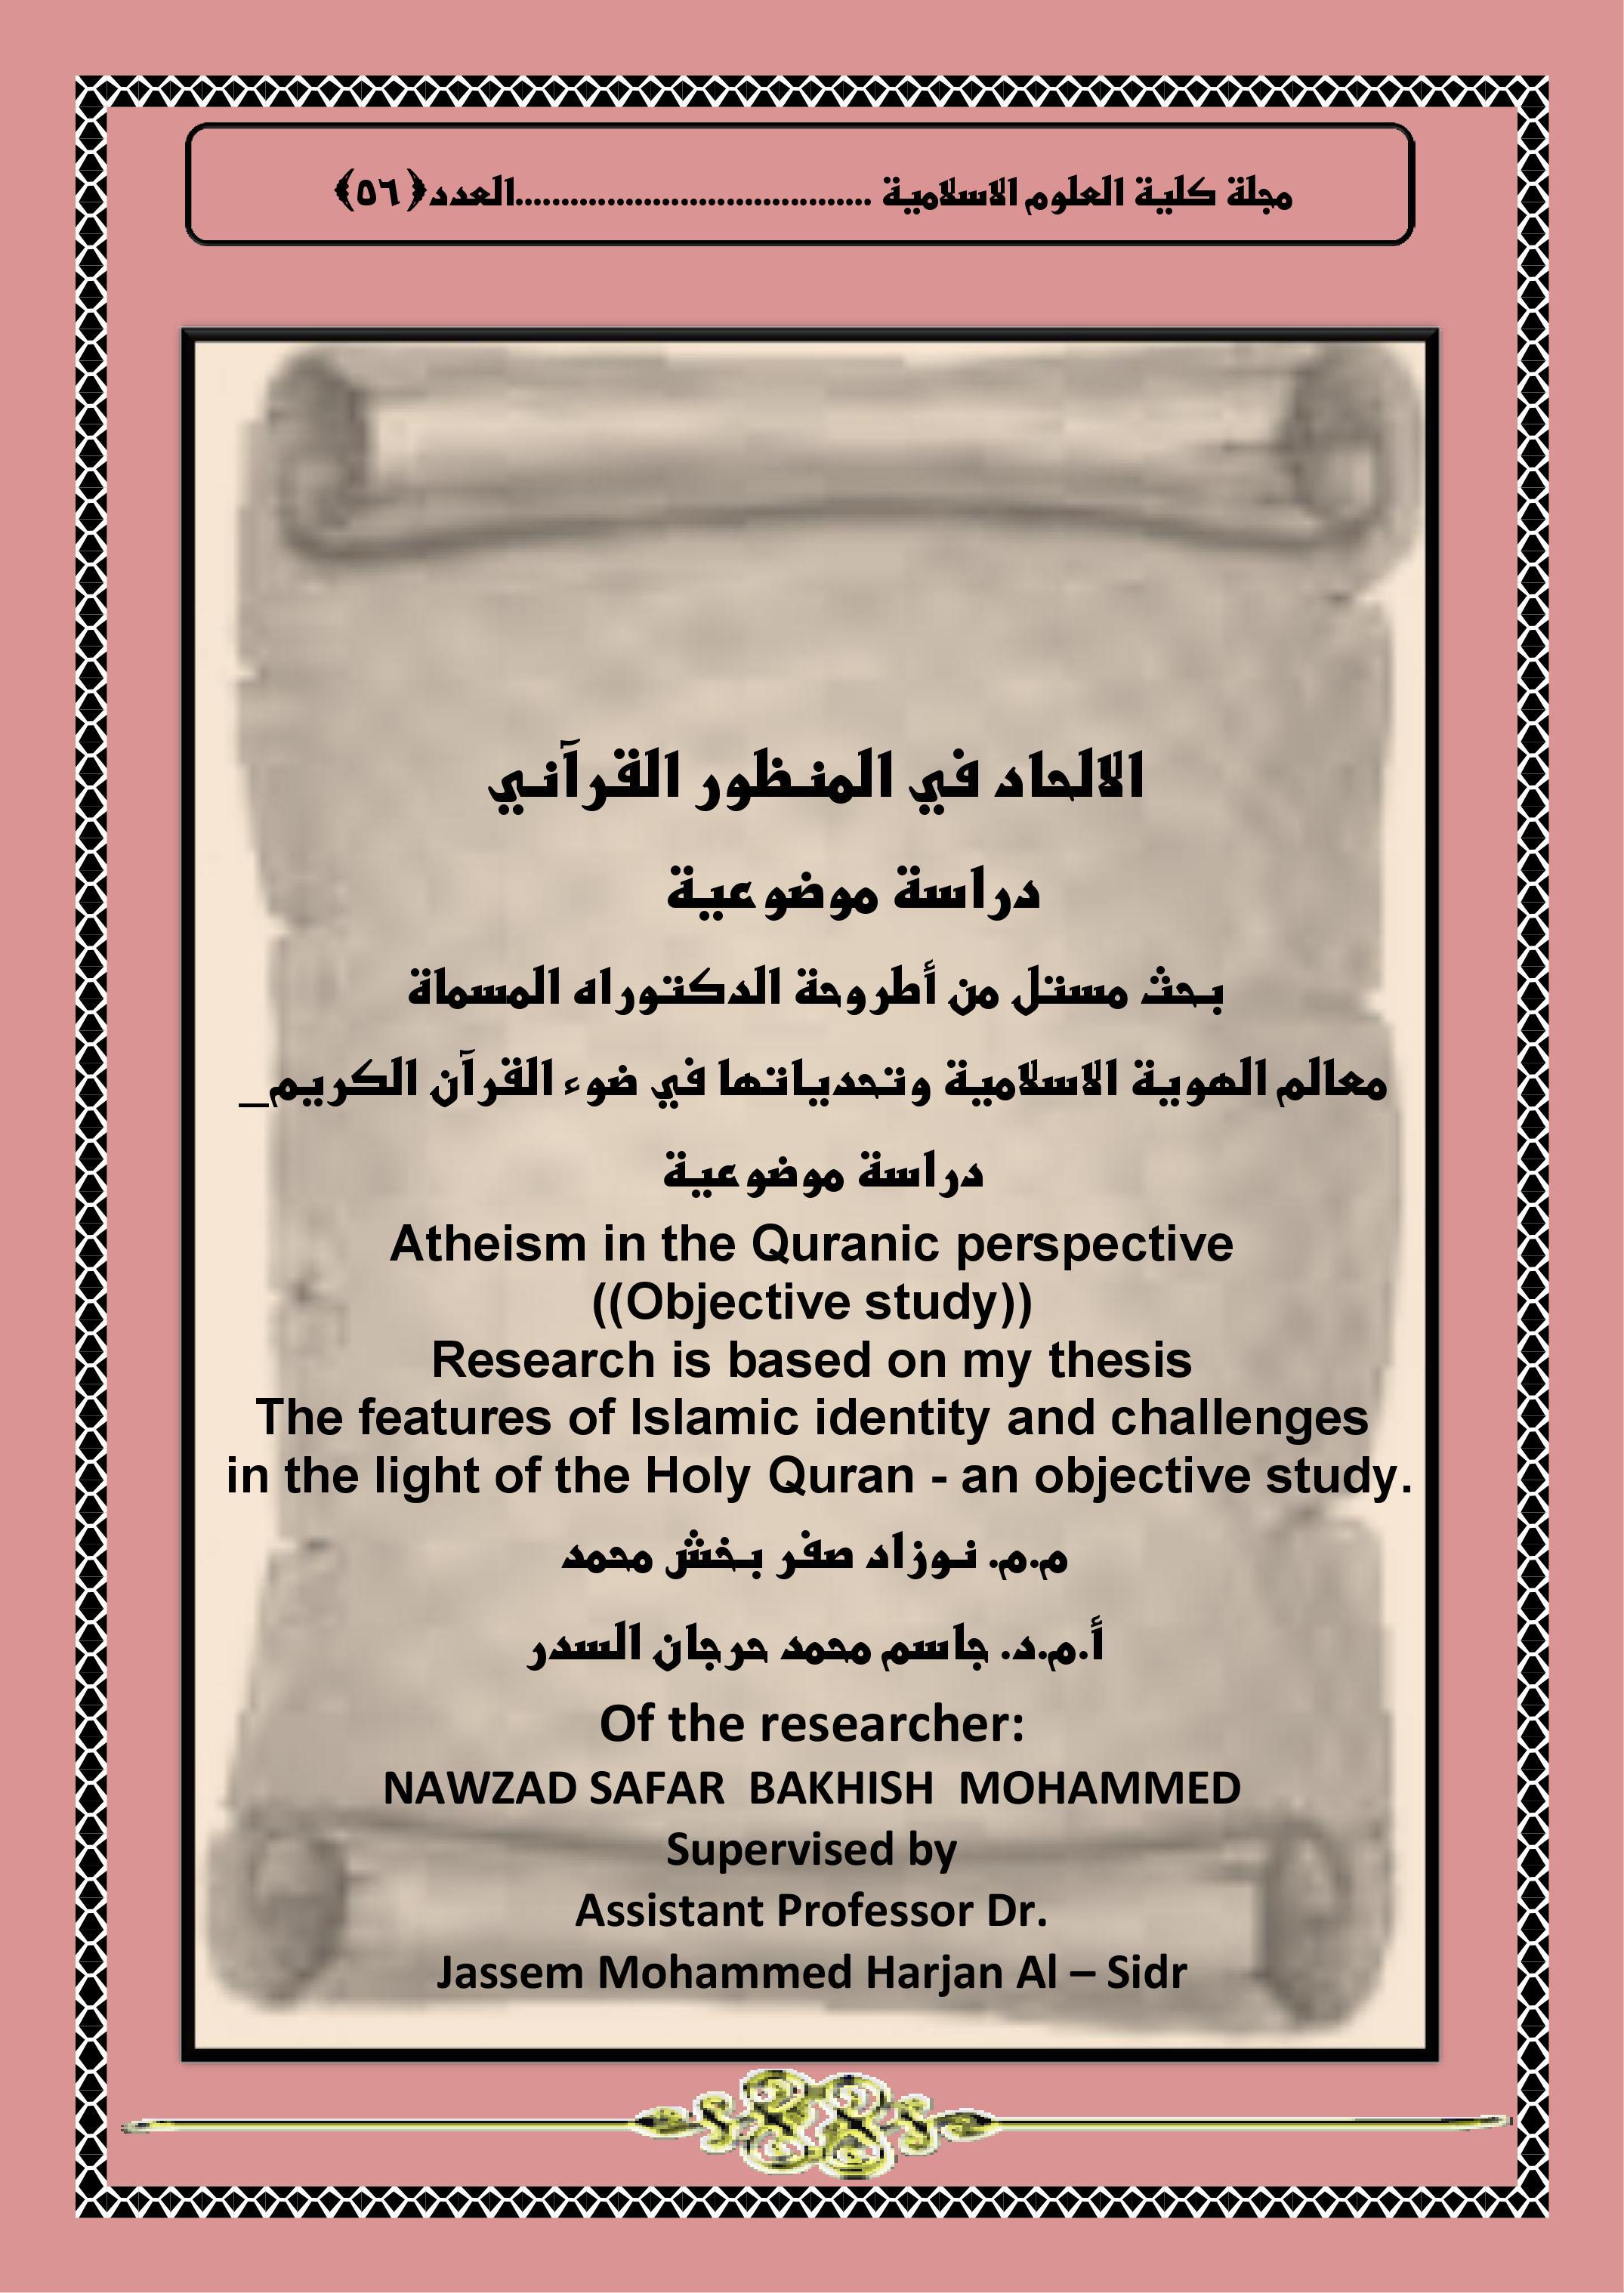 الالحاد في المنظور القرآني دراسة موضوعية